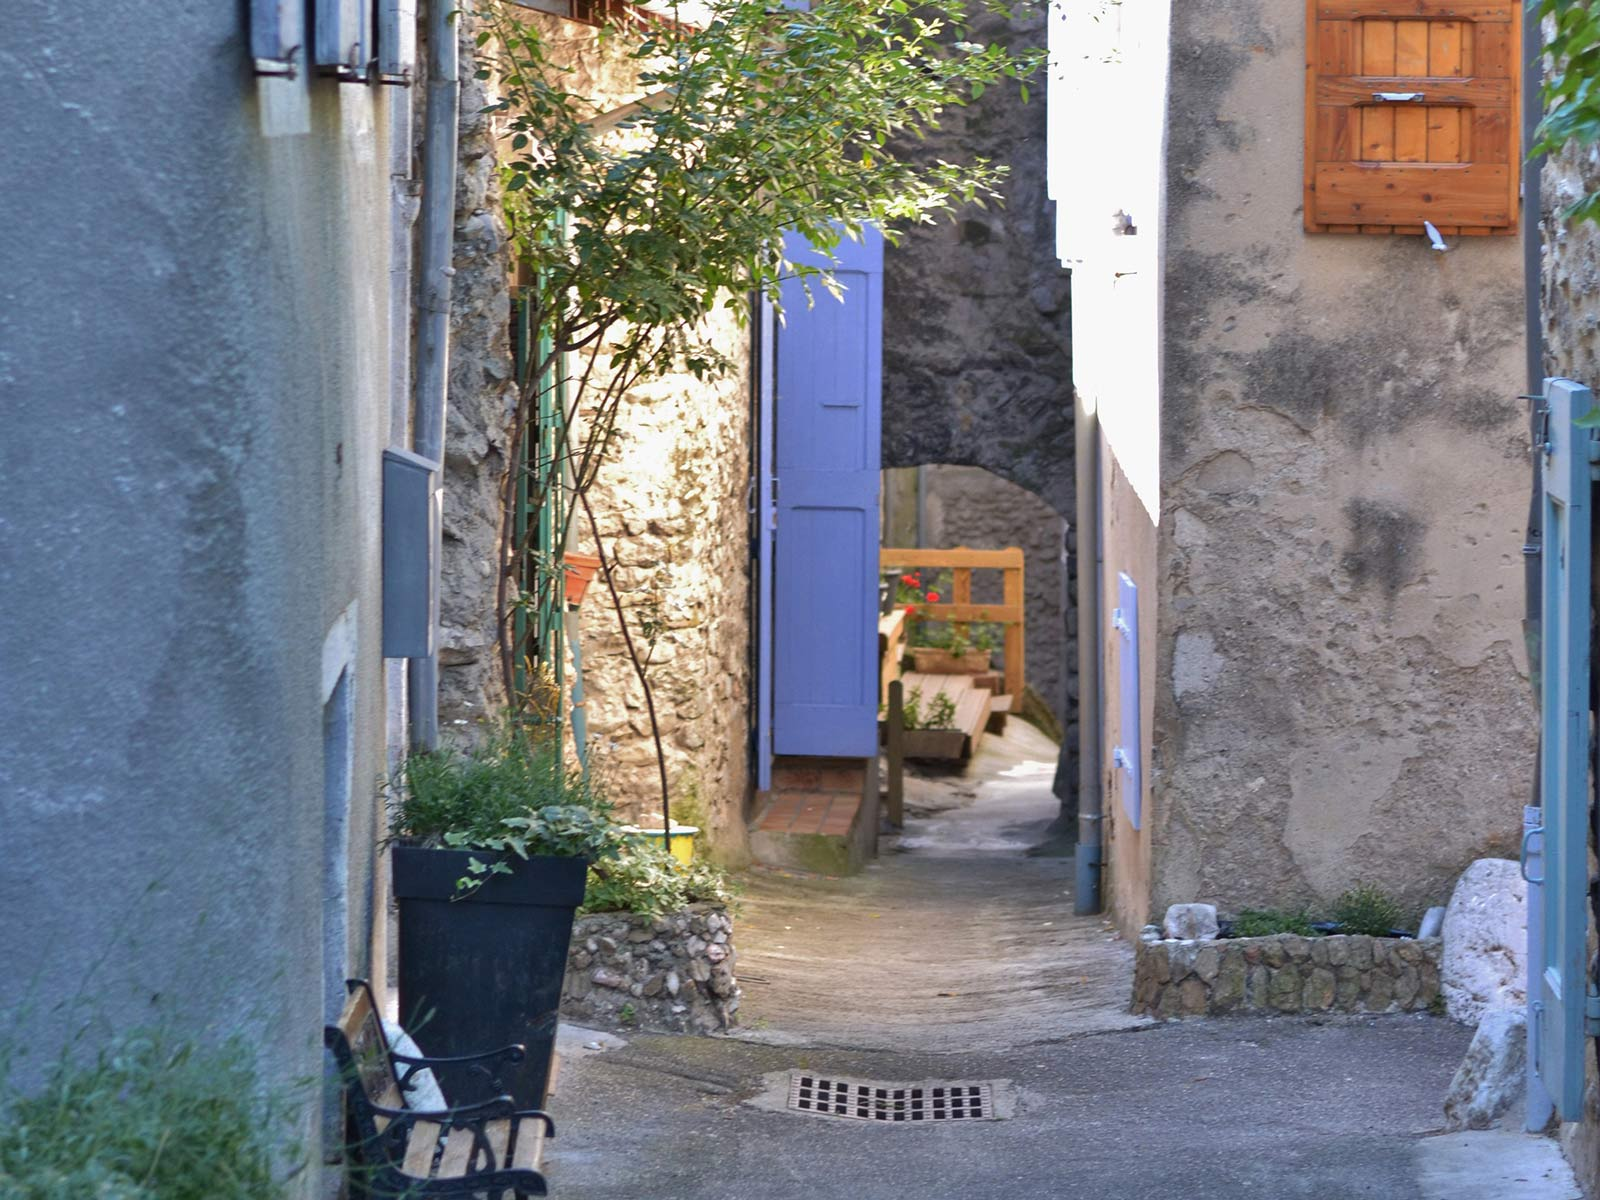 Straatje in het stadje Die in de Drome in het zuiden van Frankrijk